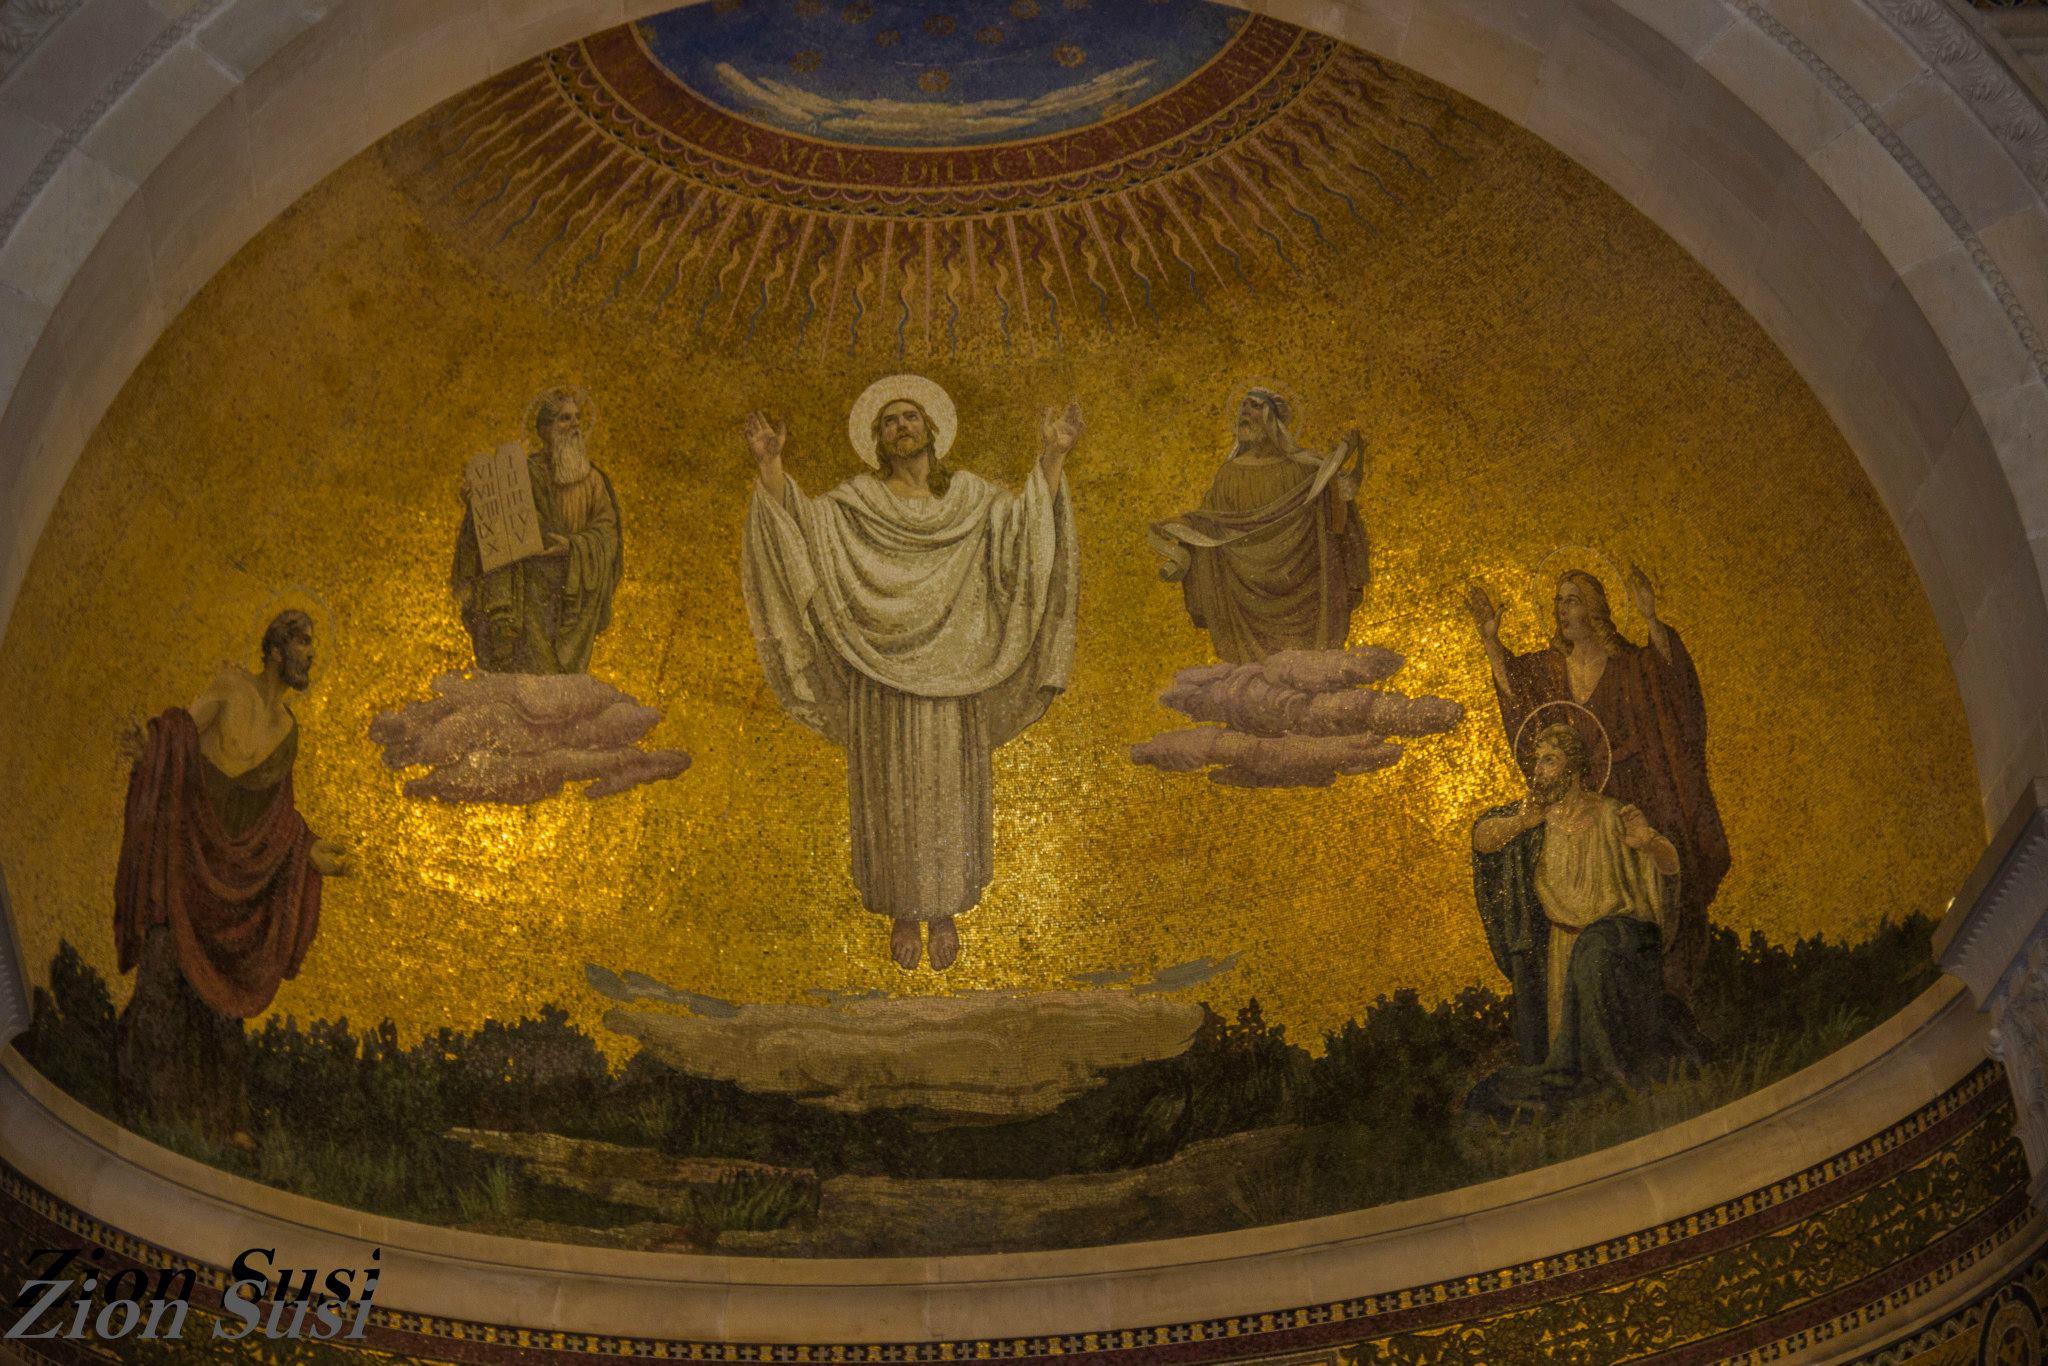 הפסיפס בתוך הקפלה של הכנסייה בהר תבור.